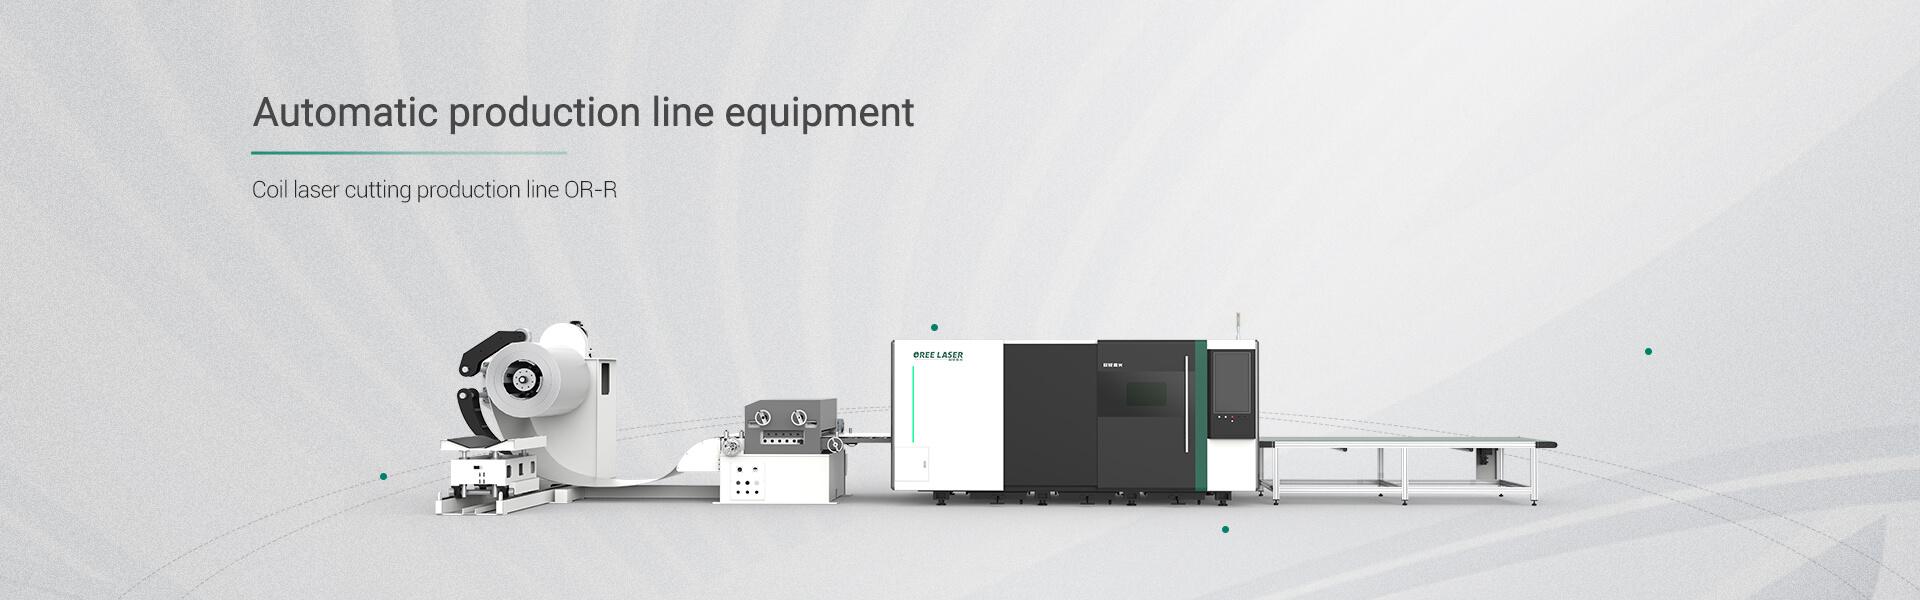 معدات خط الإنتاج الأوتوماتيكي